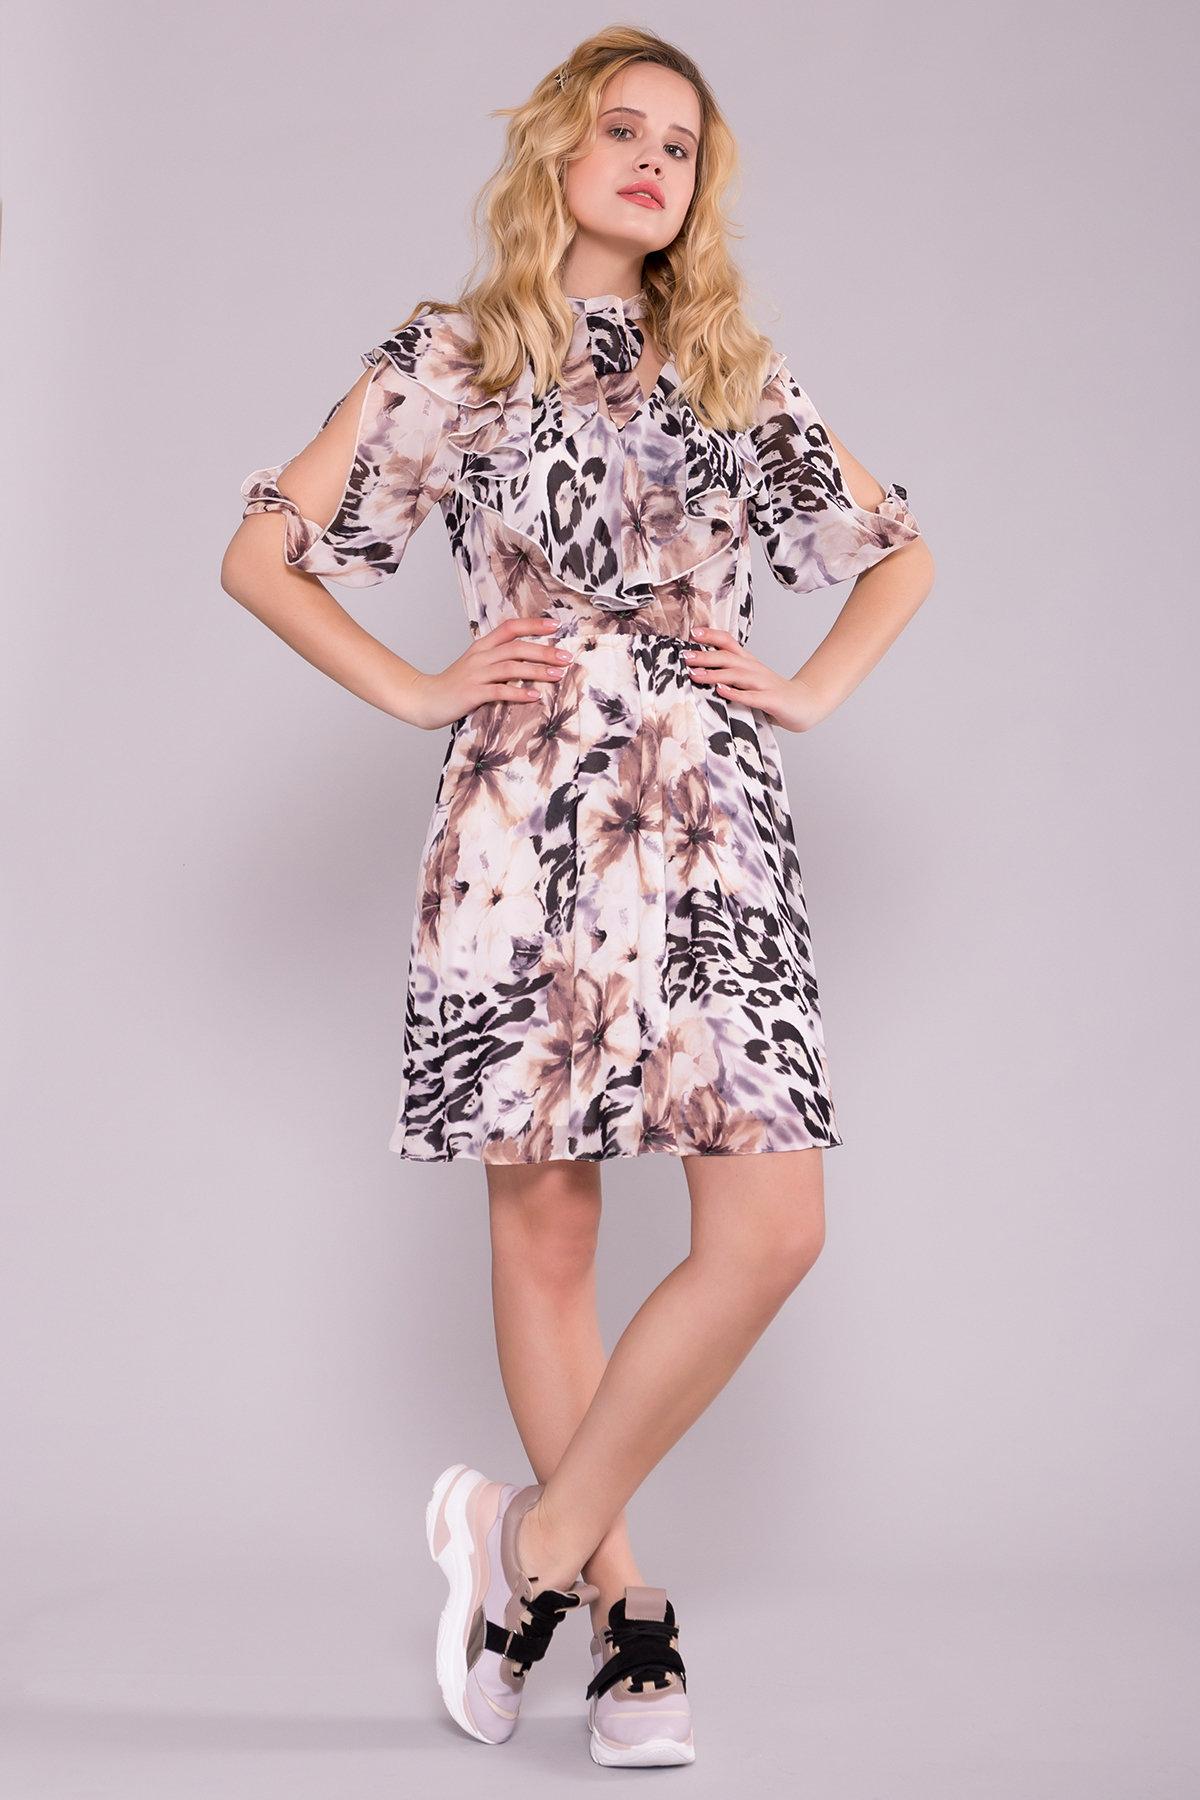 Платье Блюз 7093 Цвет: Леоп цвет мол/беж